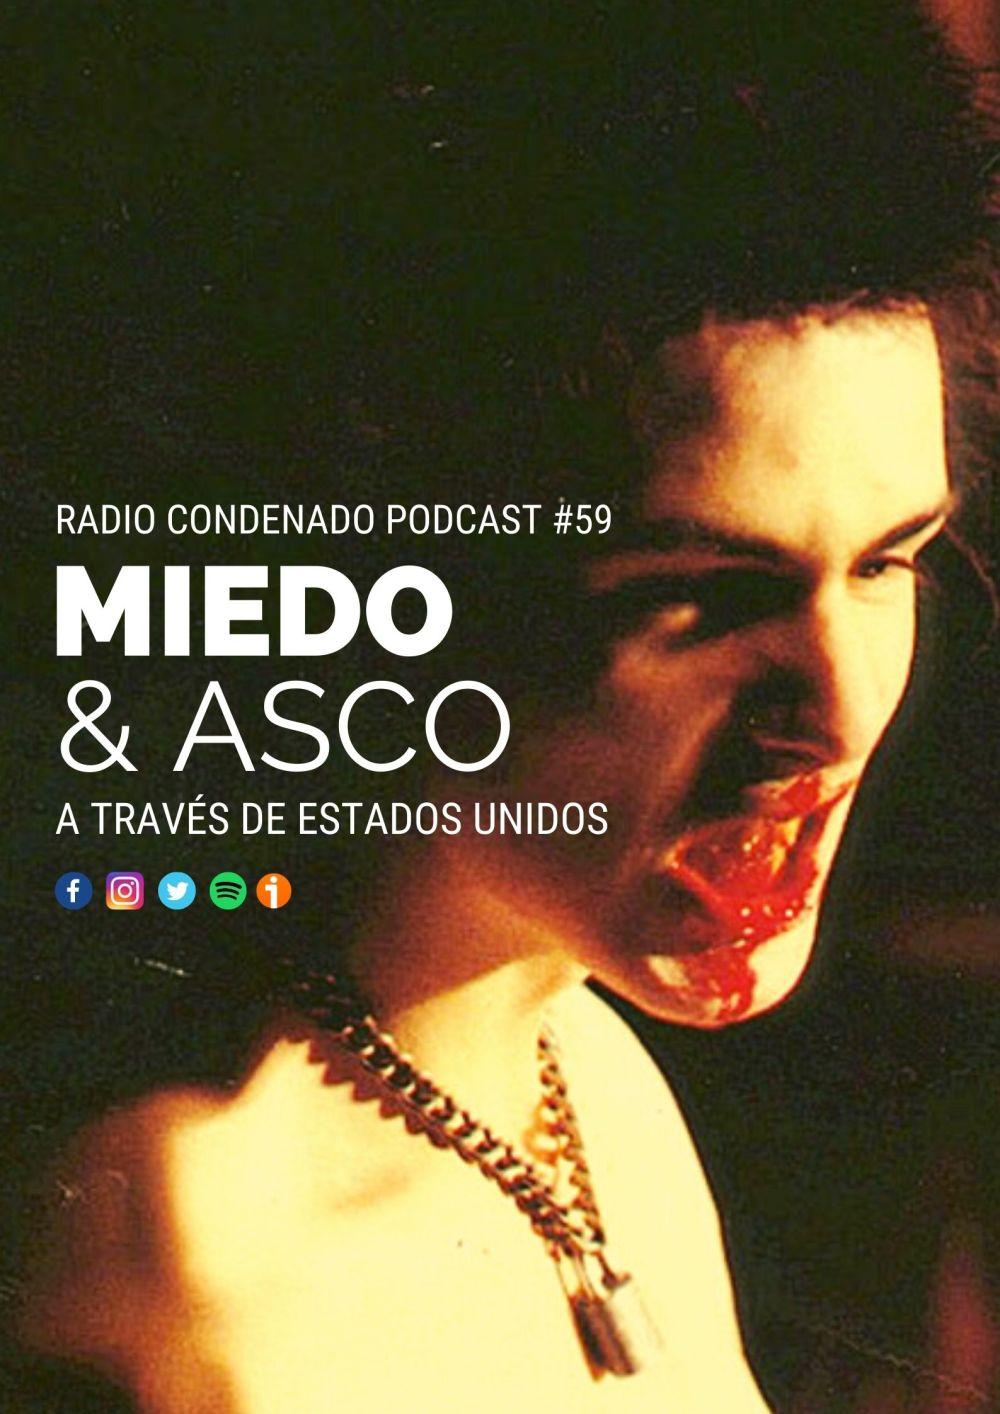 Cartel de Radio Condenado Podcast #59 | Miedo y asco a través de Estados Unidos